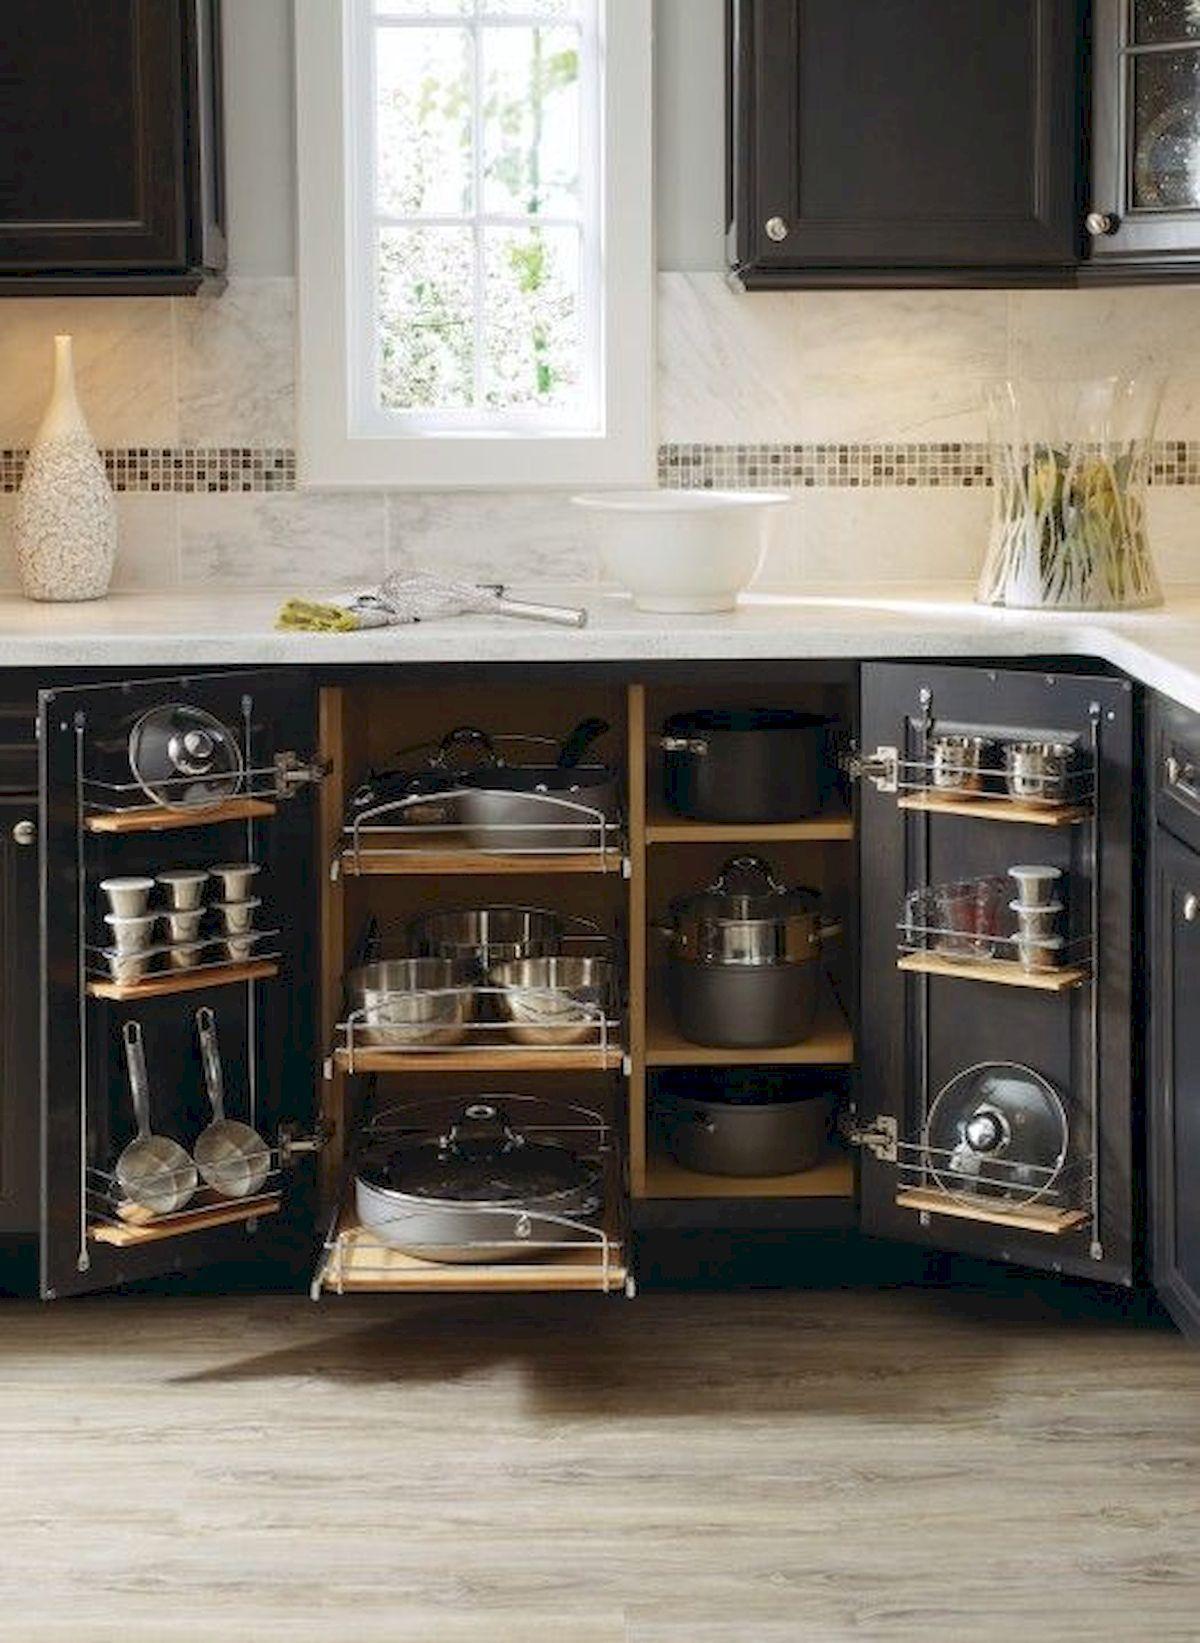 Lovely DIY Kitchen Storage Ideas To Maximize Kitchen Space 19